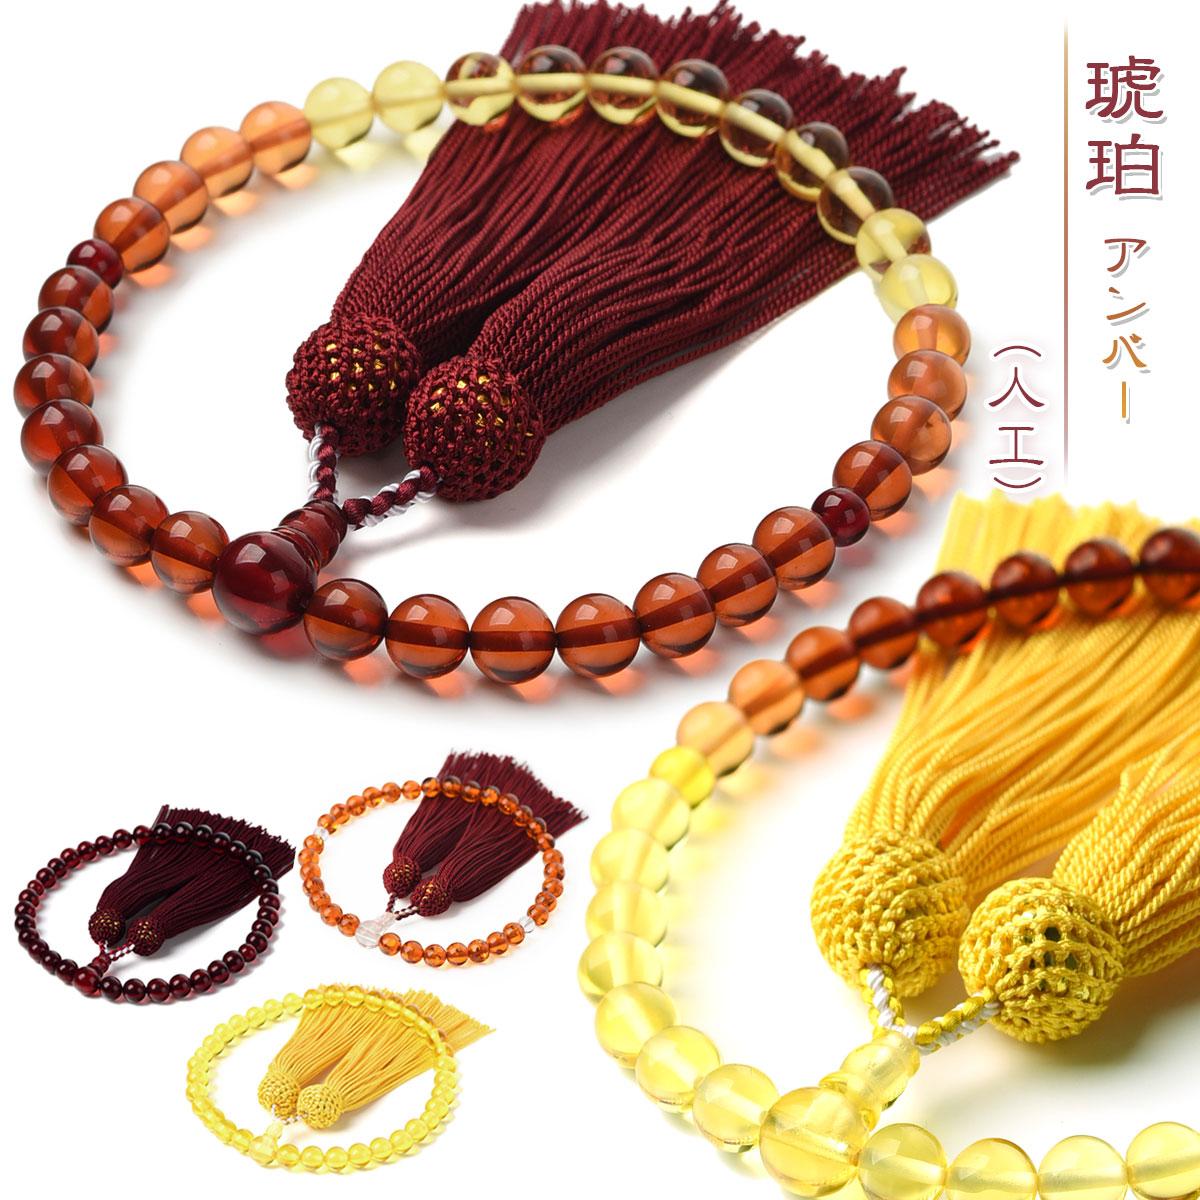 京都からの発送、職人丁寧に作った数珠で、すべての宗派で使えます。  数珠 女性用 男性用 商品ポーチ付 8mm 人工 琥珀 アンバー イエローアンバー レッドアンバー 送料無料 juzu01